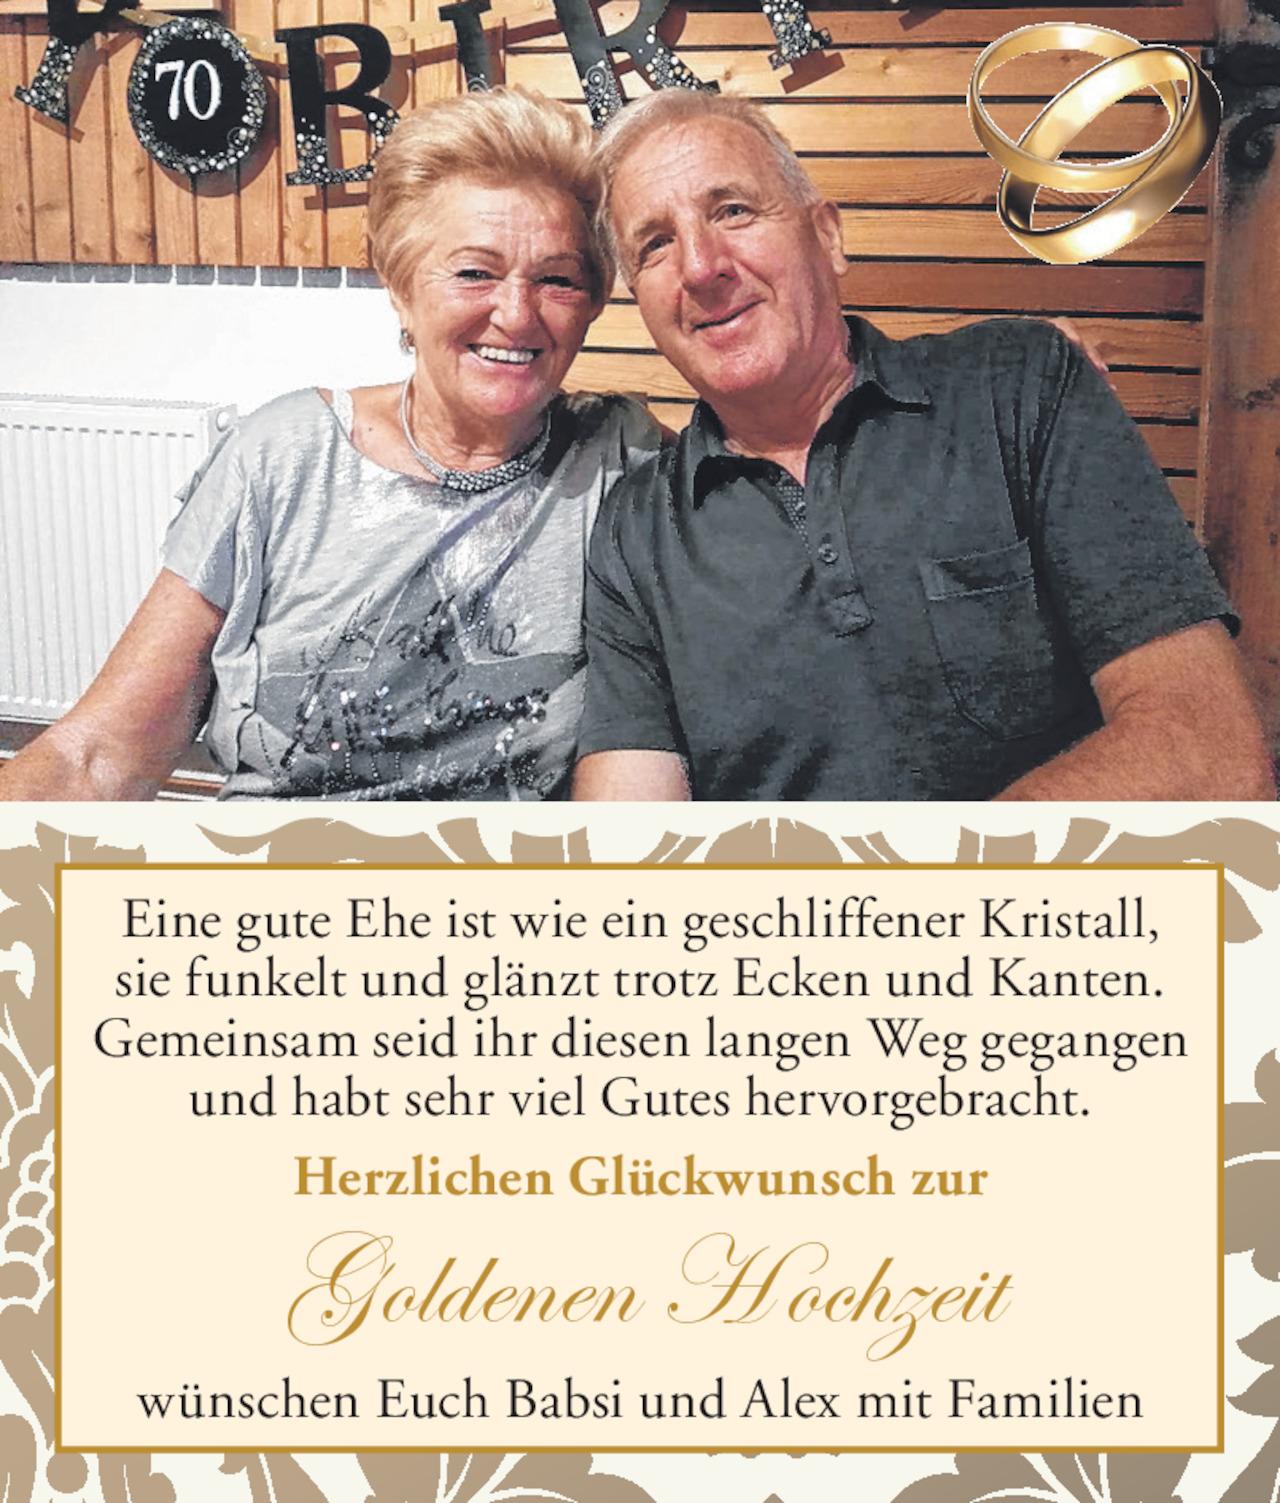 Herzlichkeit von Eine gute Ehe vom 24.10.2019 | Tiroler